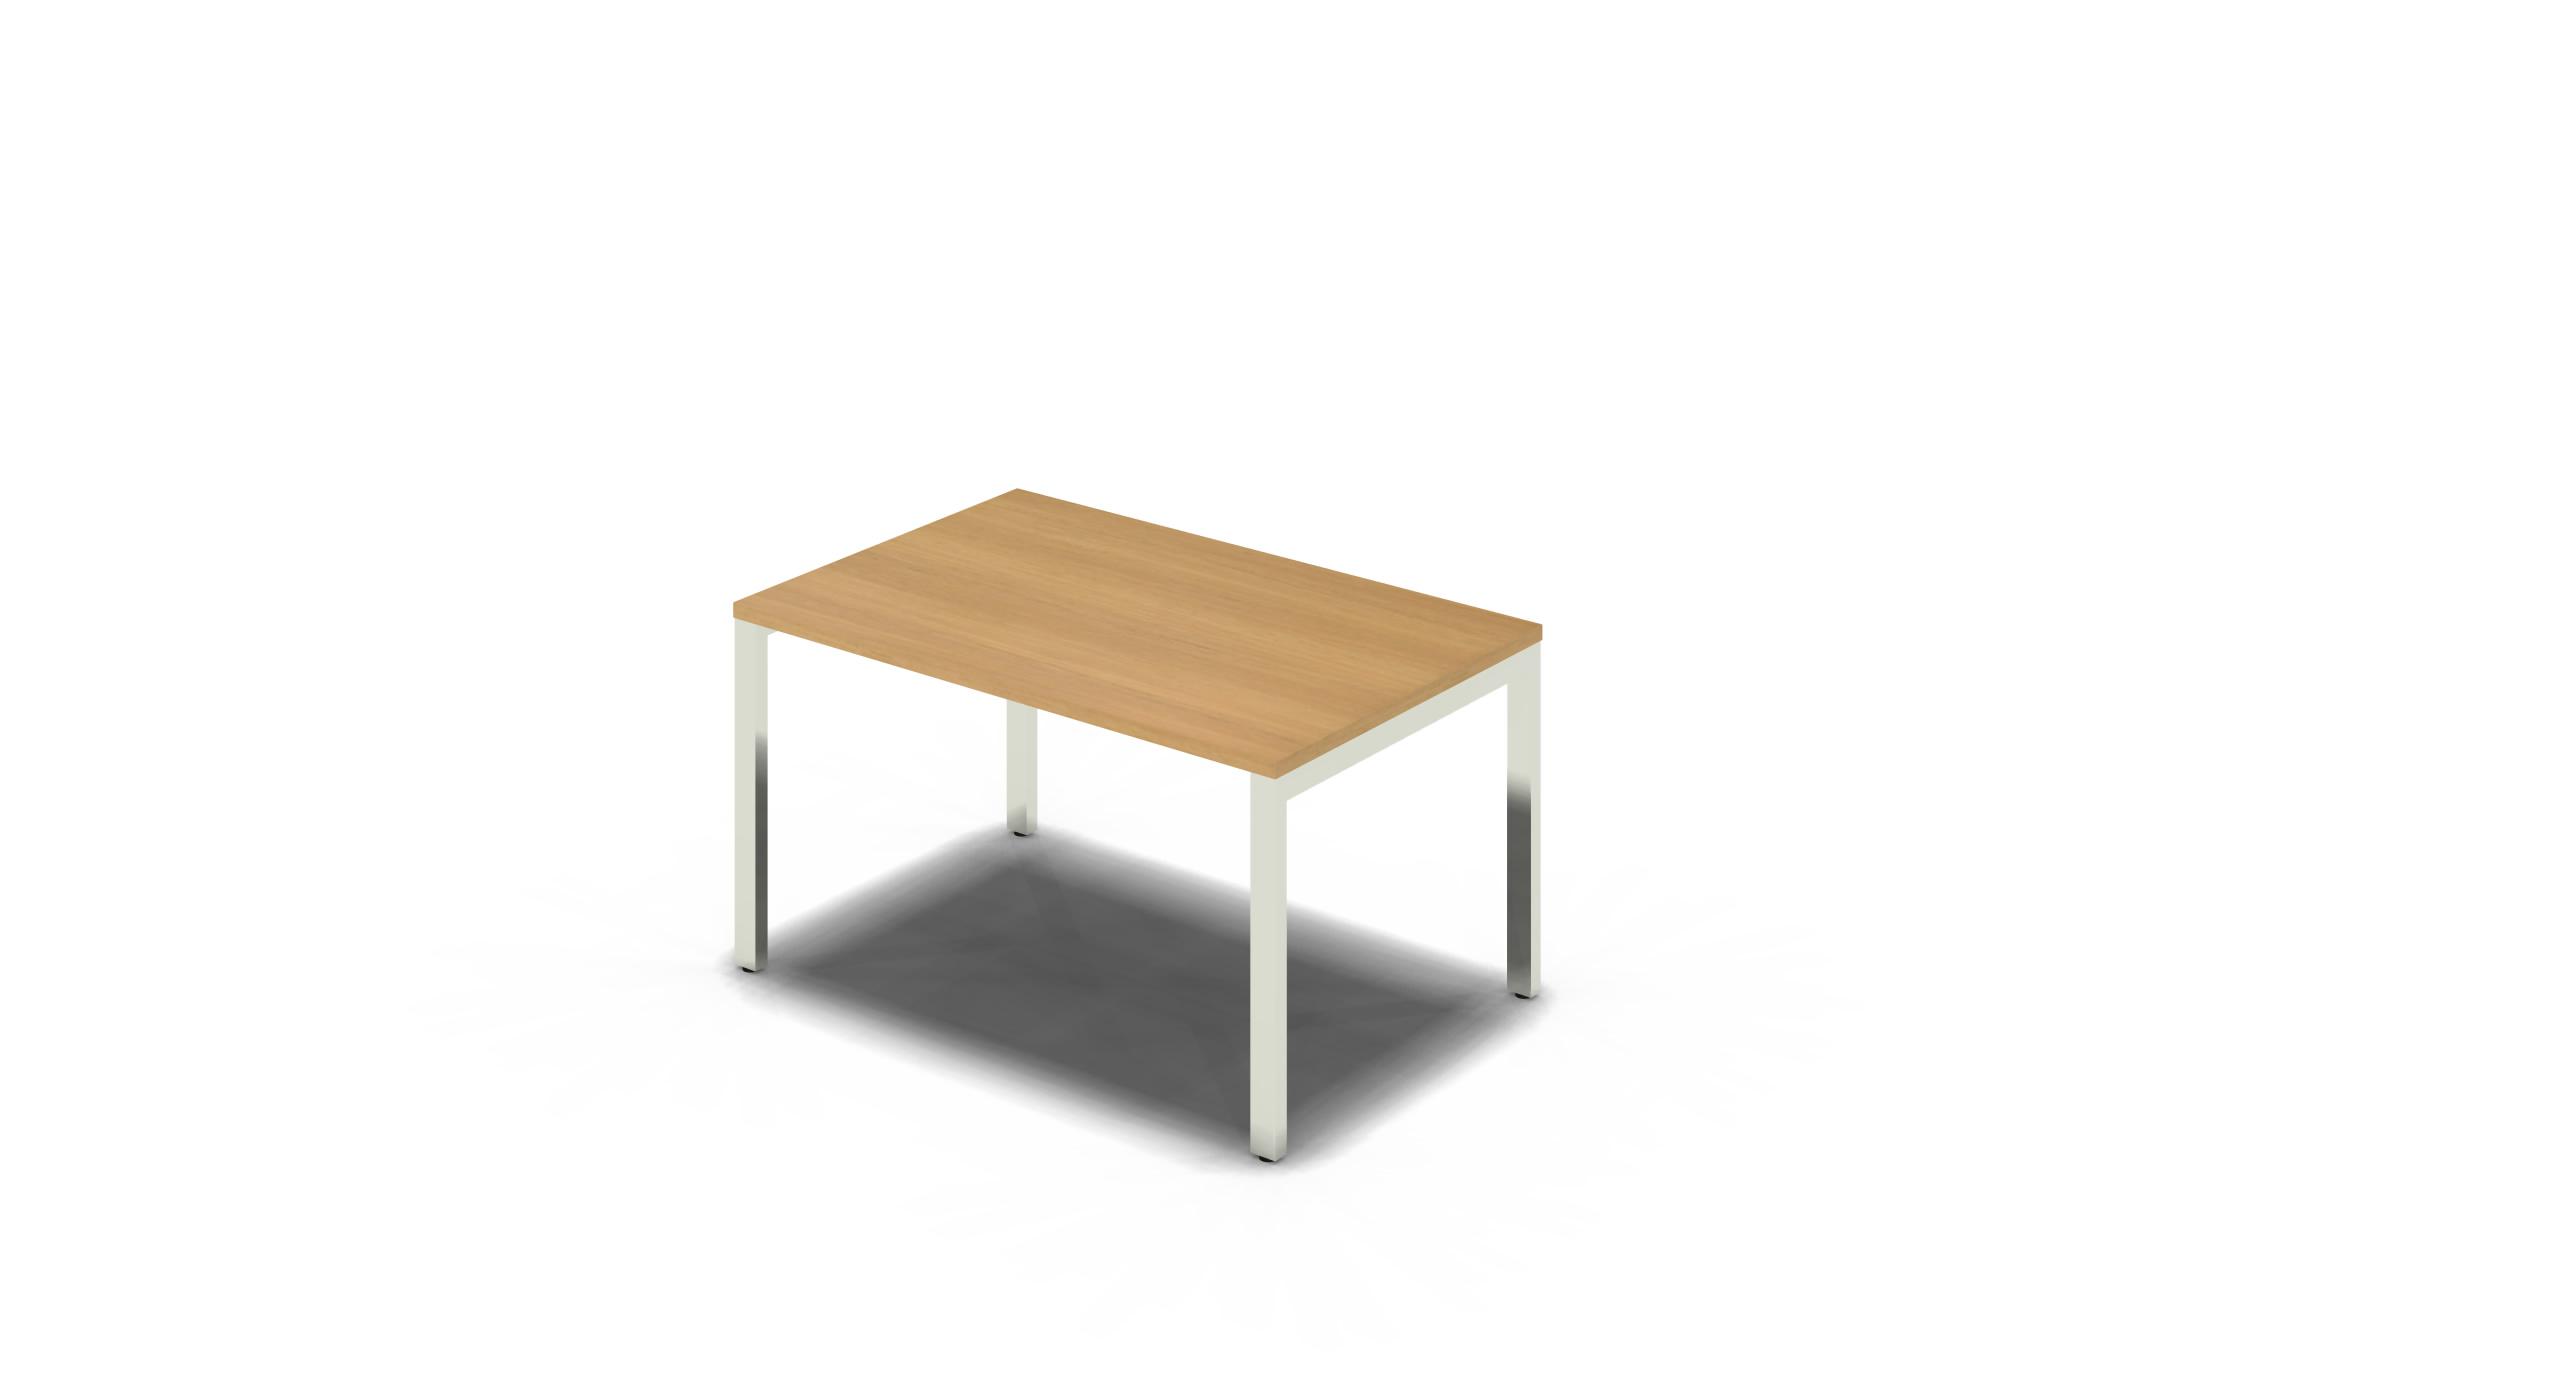 Table_Square_1200x750_Chrome_Oak_noOption